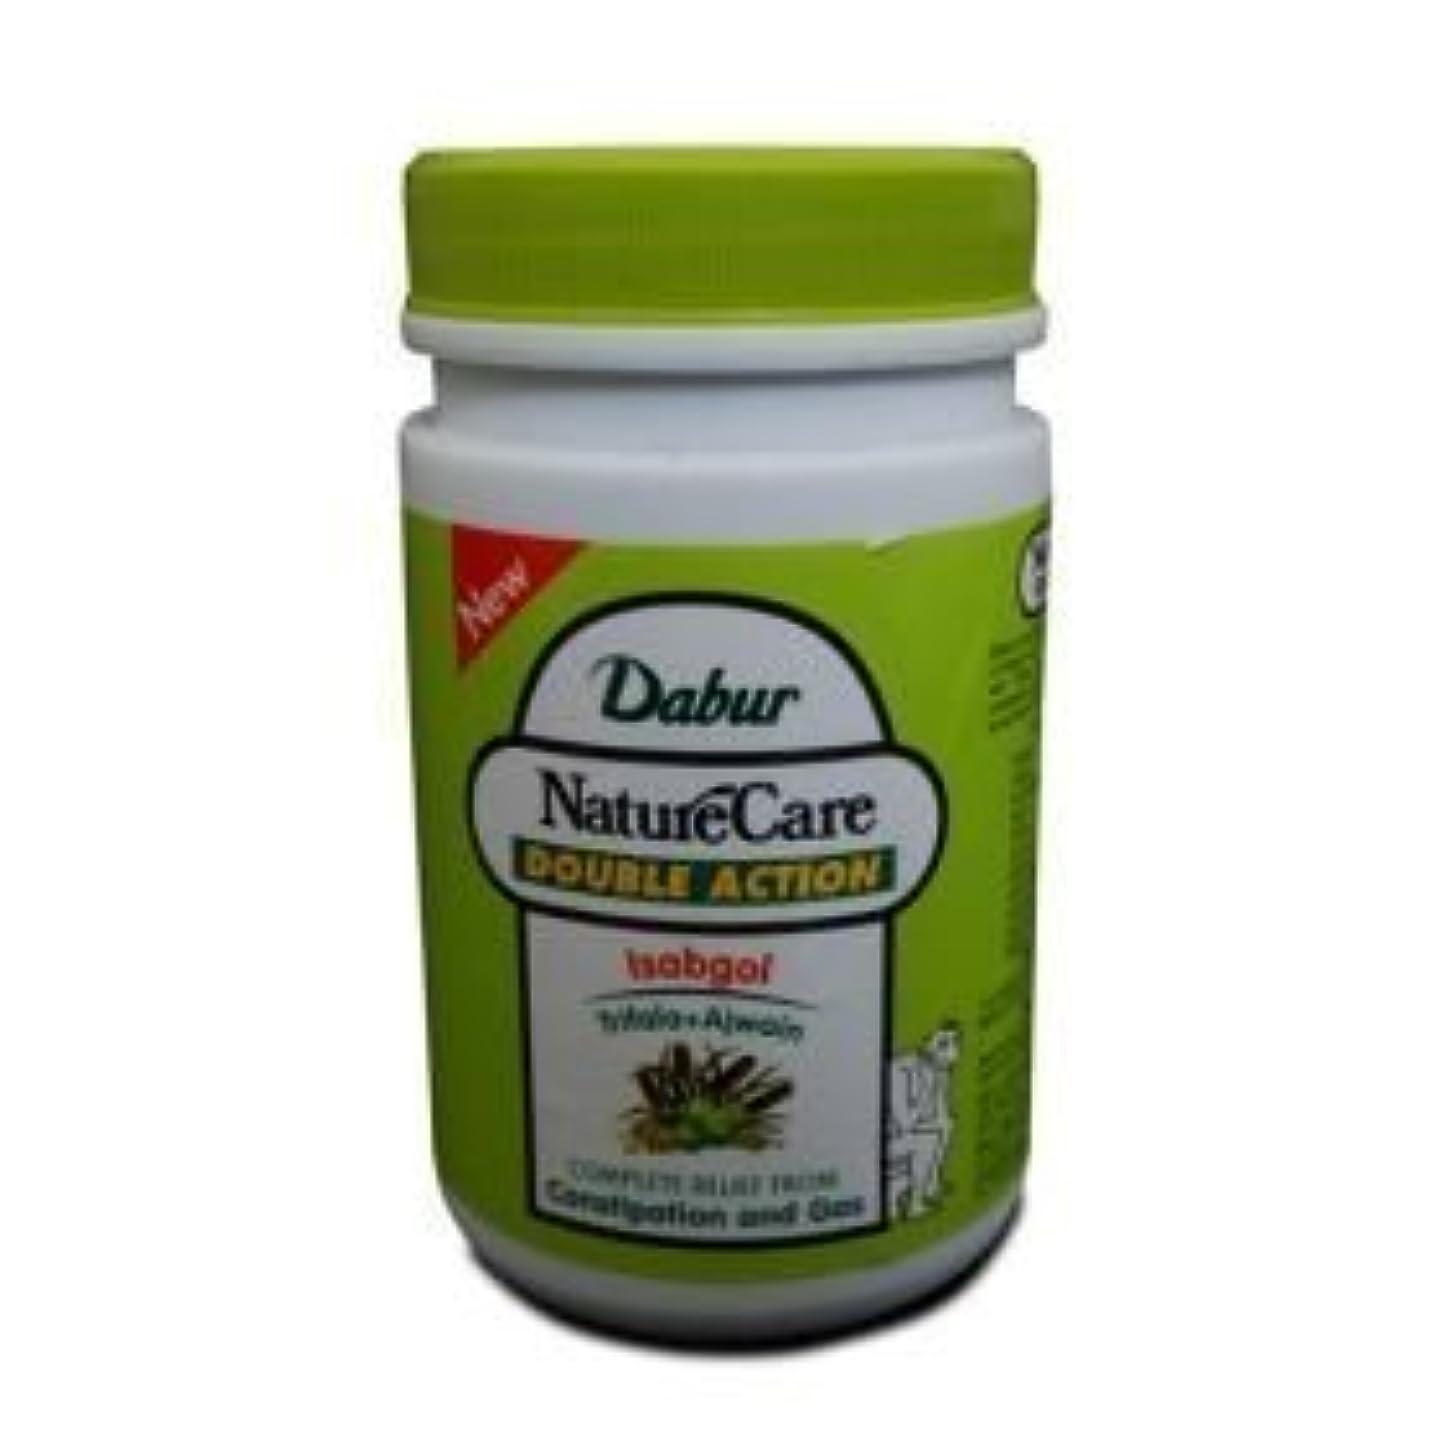 郵便屋さん正確なアルファベットDabur Naturecare Double Action Isabgol Husk Effective Relief From Gas,constipation 100 Grams by Dabur [並行輸入品]